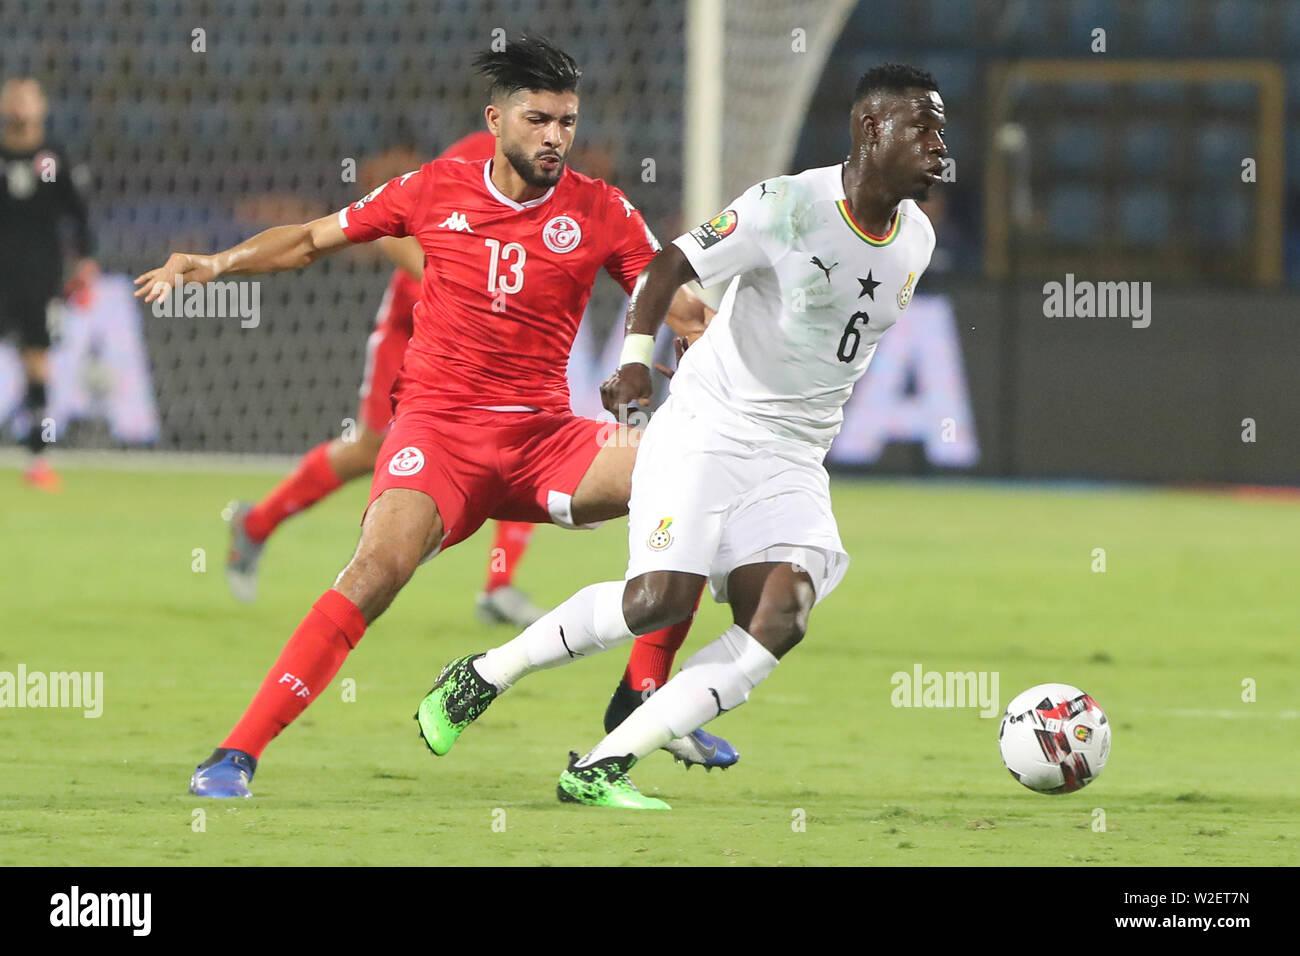 Ismailia, Egypt  08th July, 2019  Ghana·s Afriyie Acquah (R) and